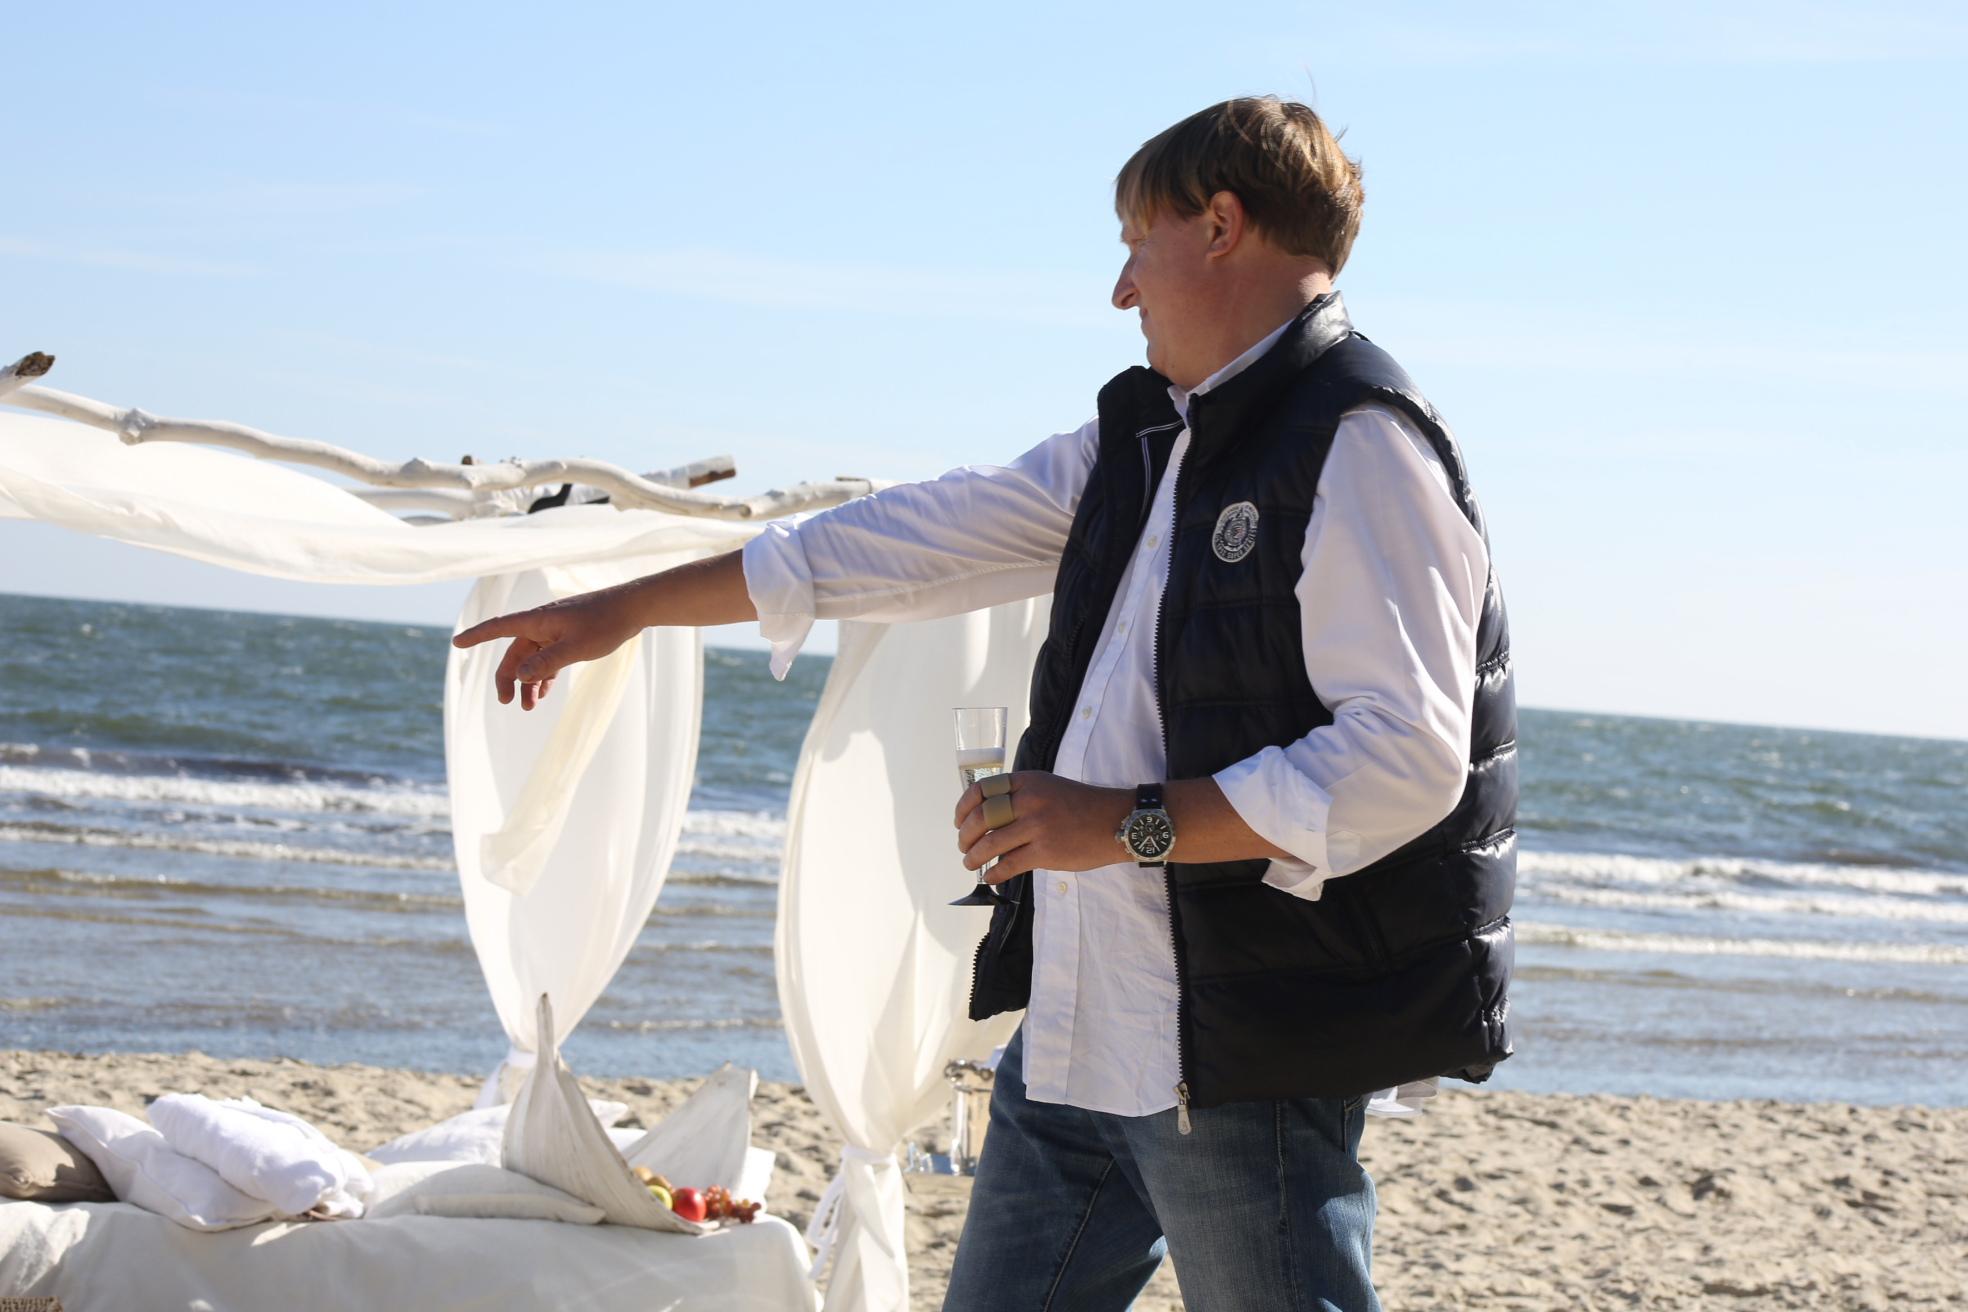 Fotoshooting am Strand - Chef gibt finale Anweisungen